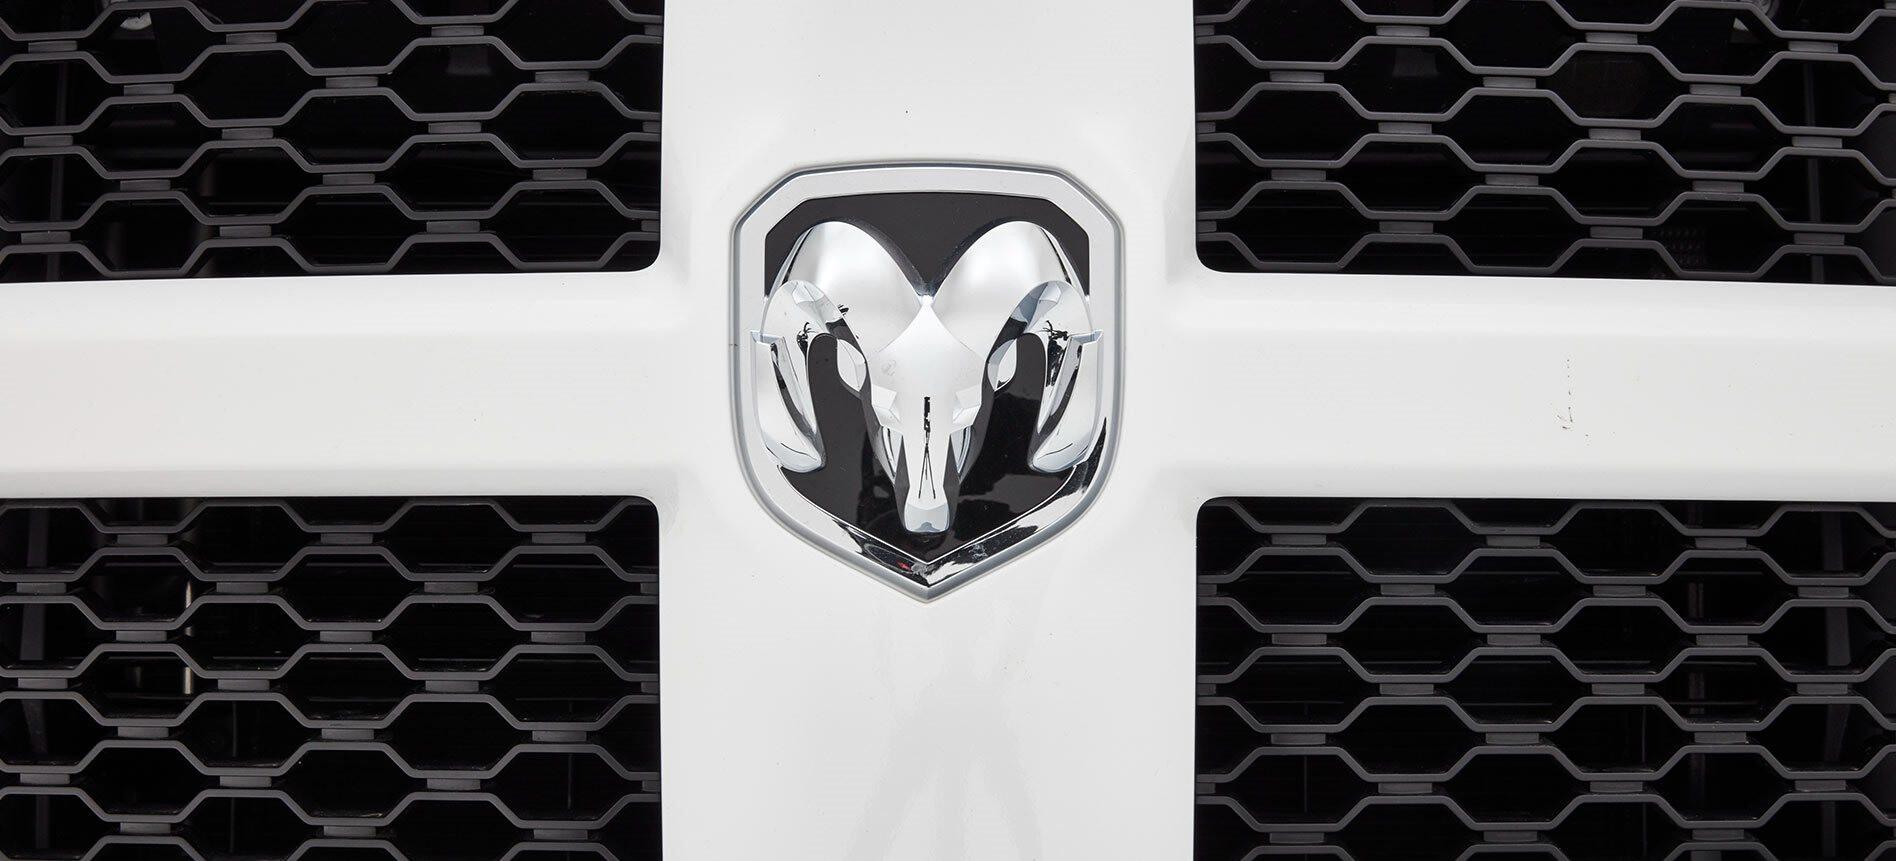 Dodge Dakota Ram Badge 1896 Jpg